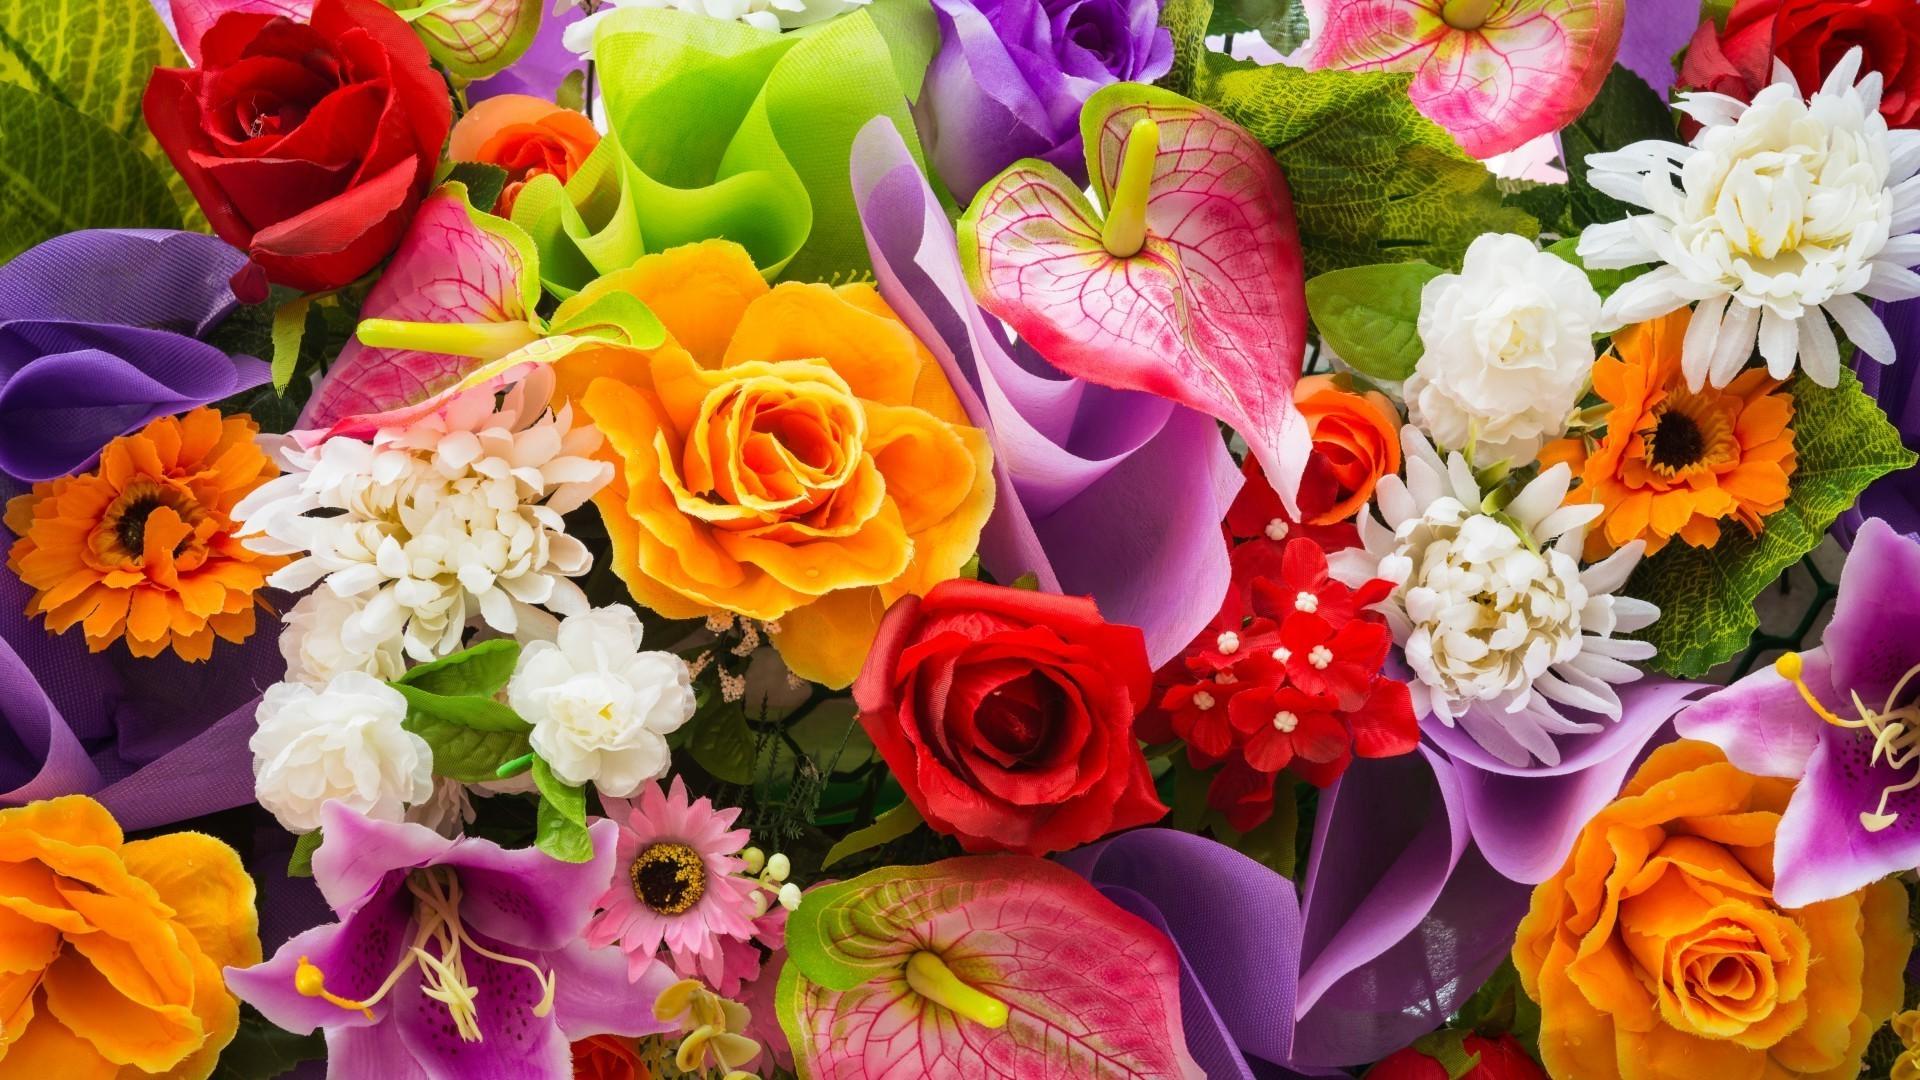 Днем рождения, картинка с очень красивыми цветами